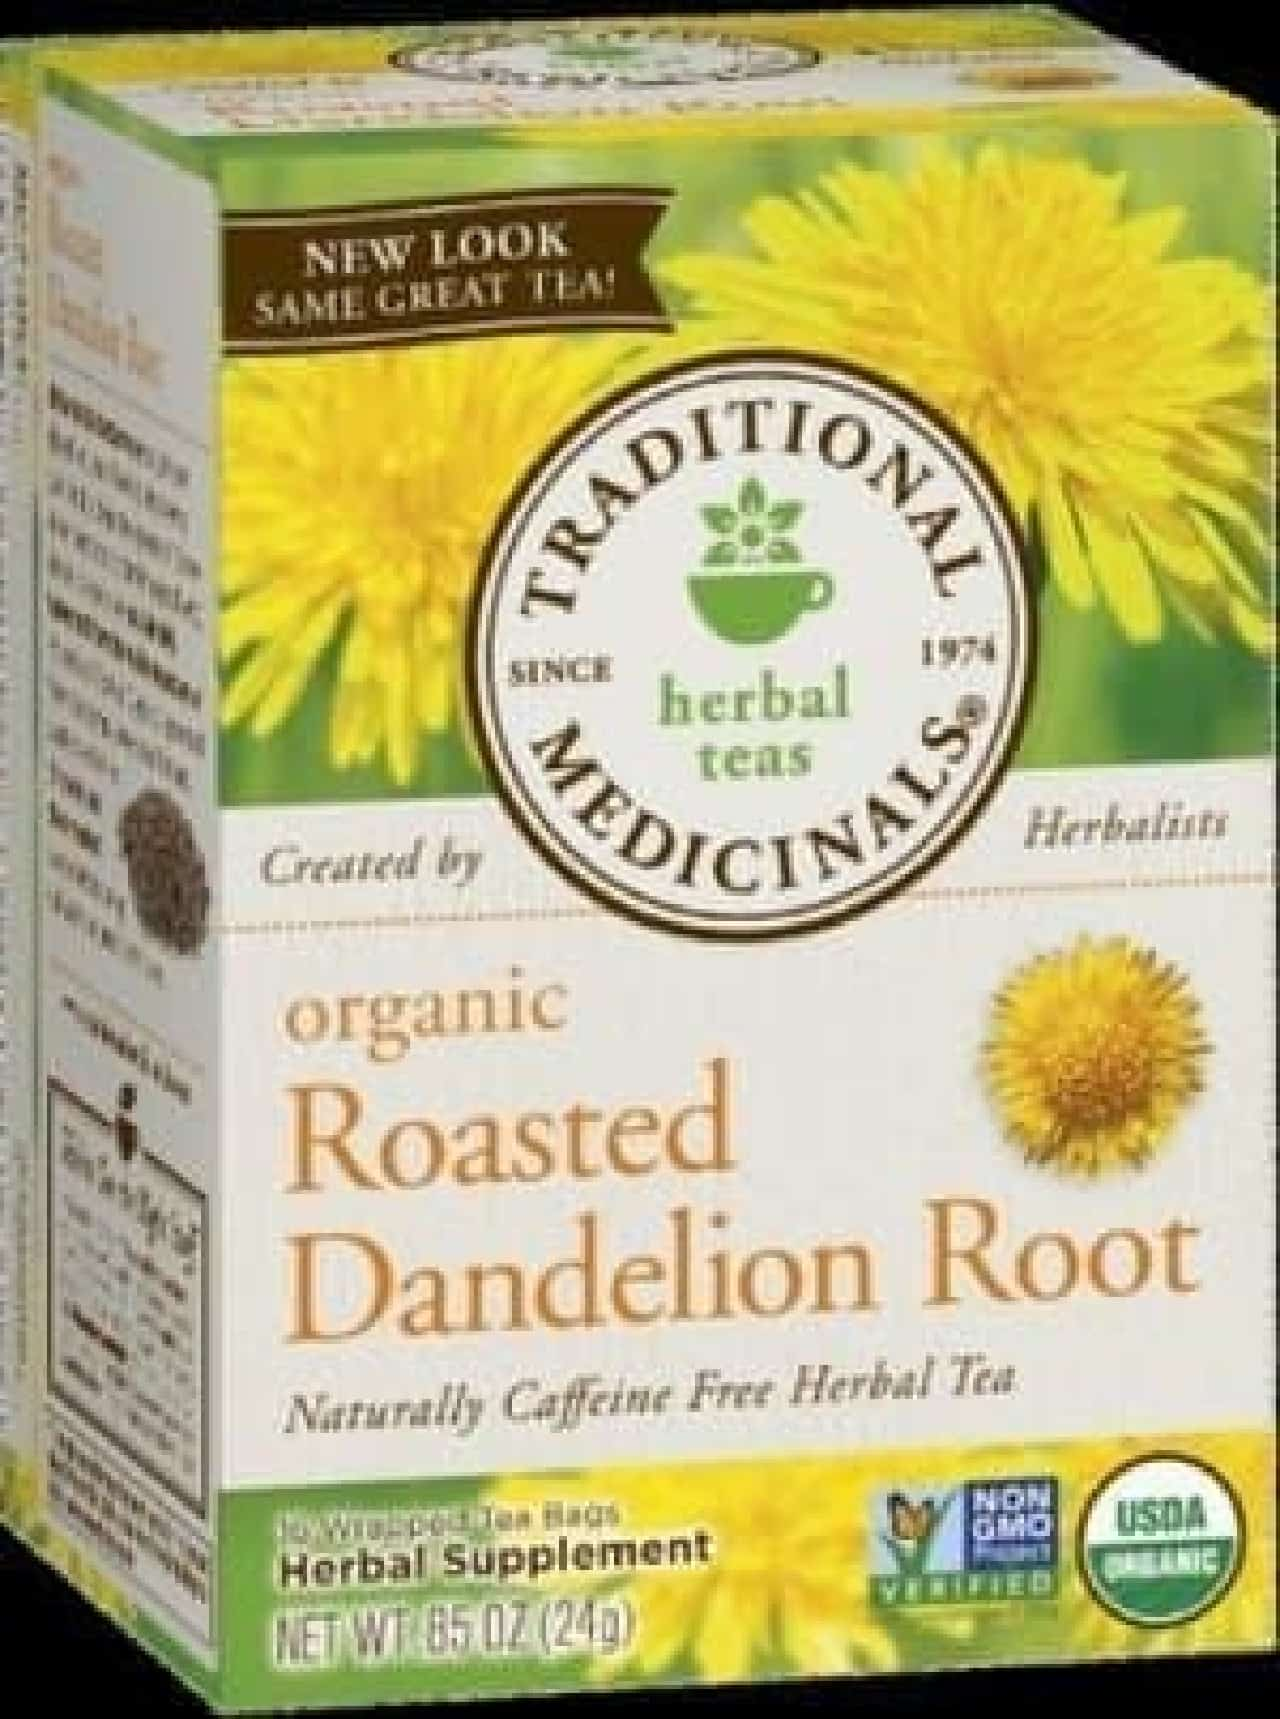 注目されている「タンポポ茶」  (出典:Traditional Medicinals)